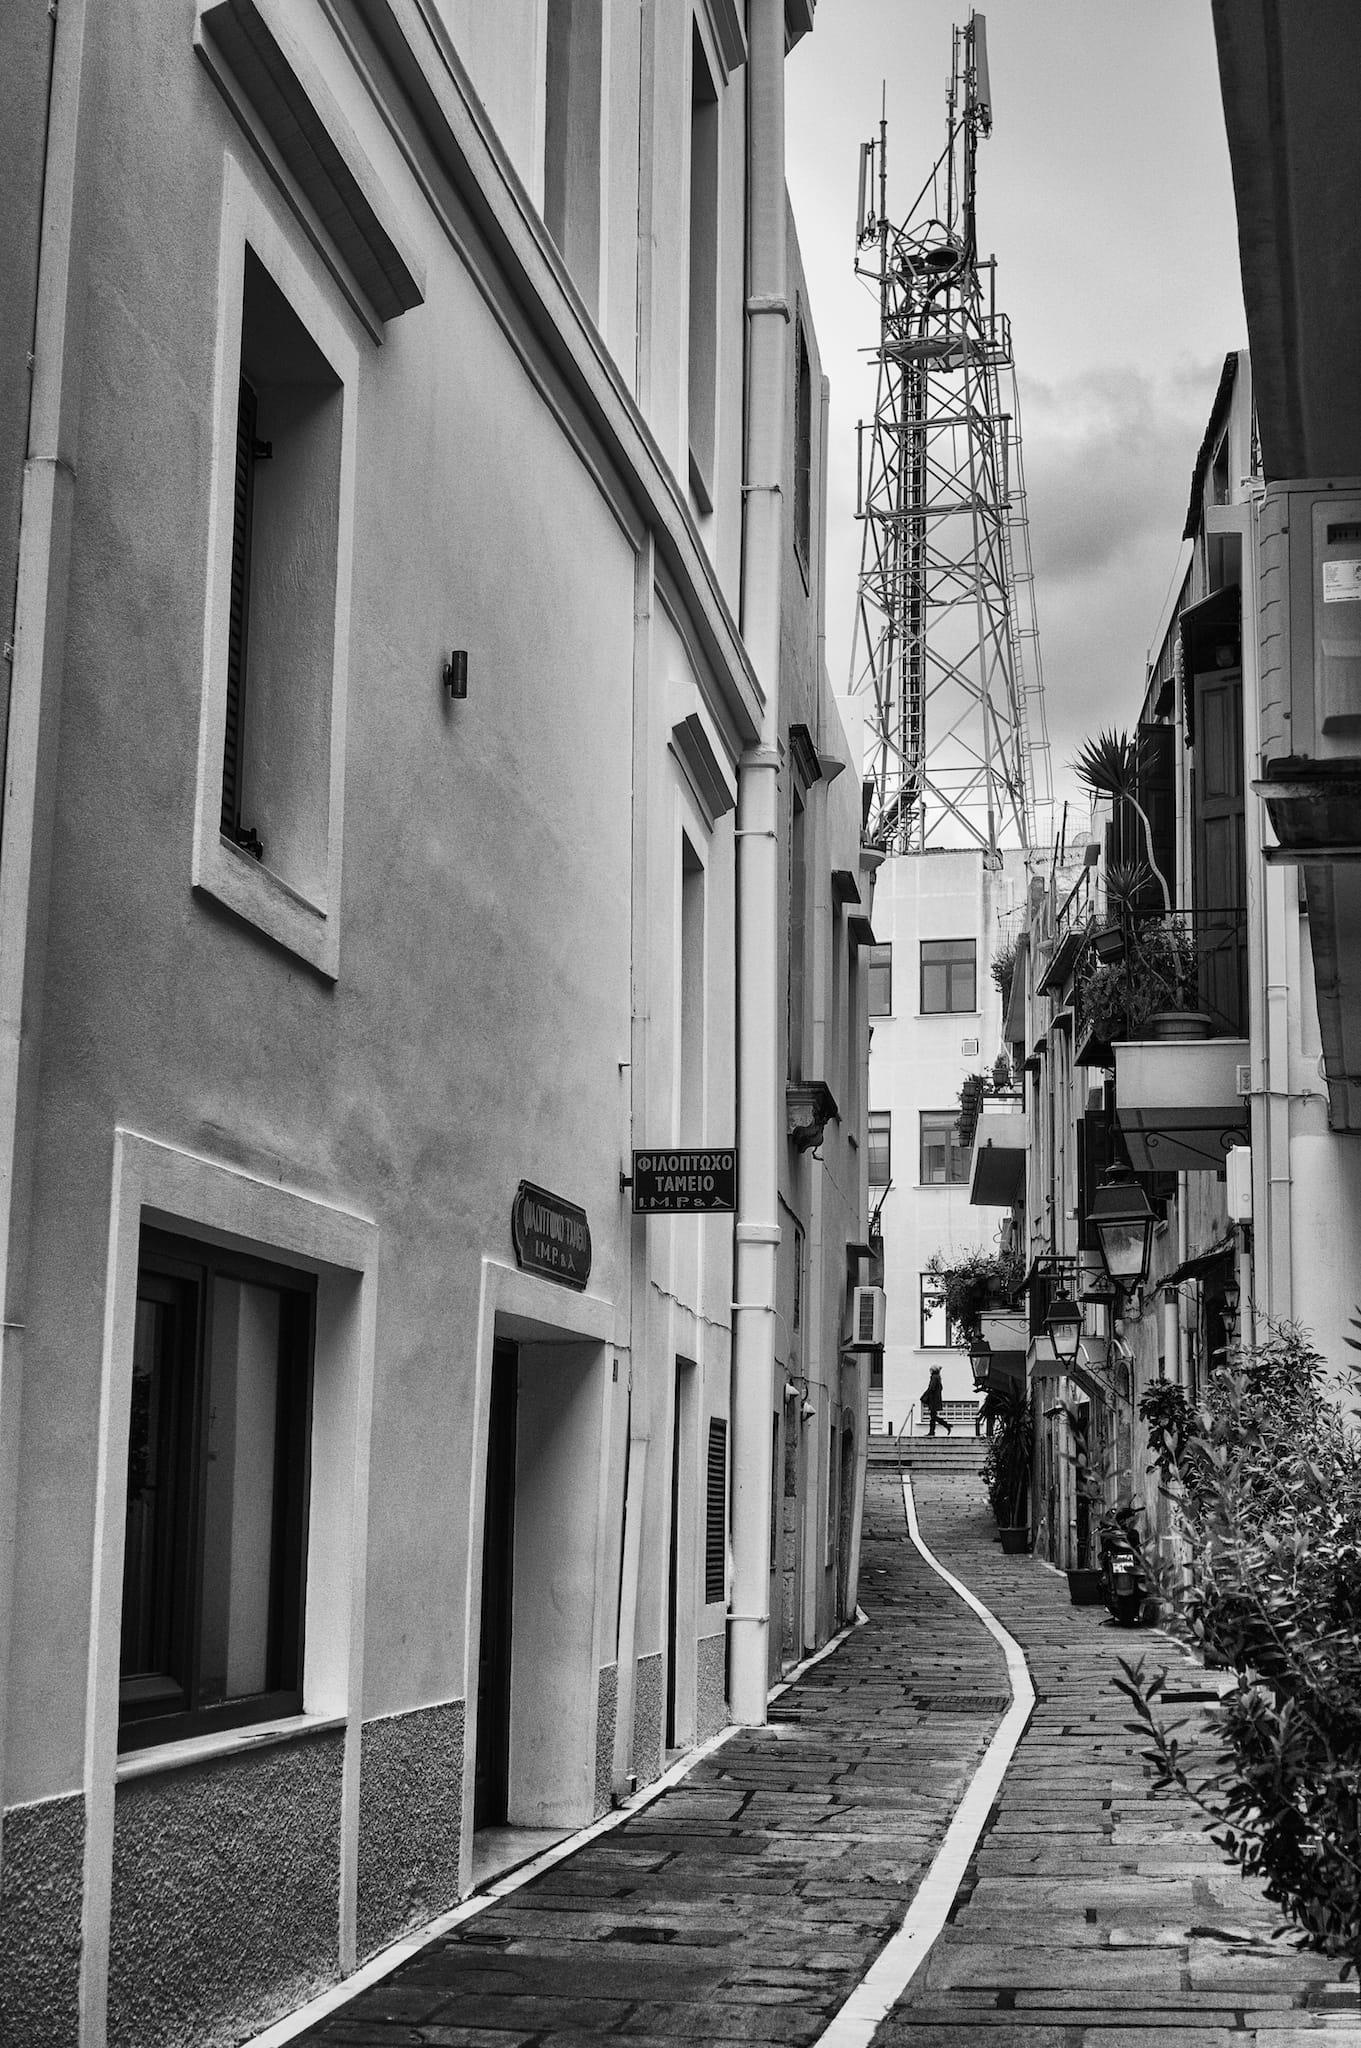 The Telecom Tower